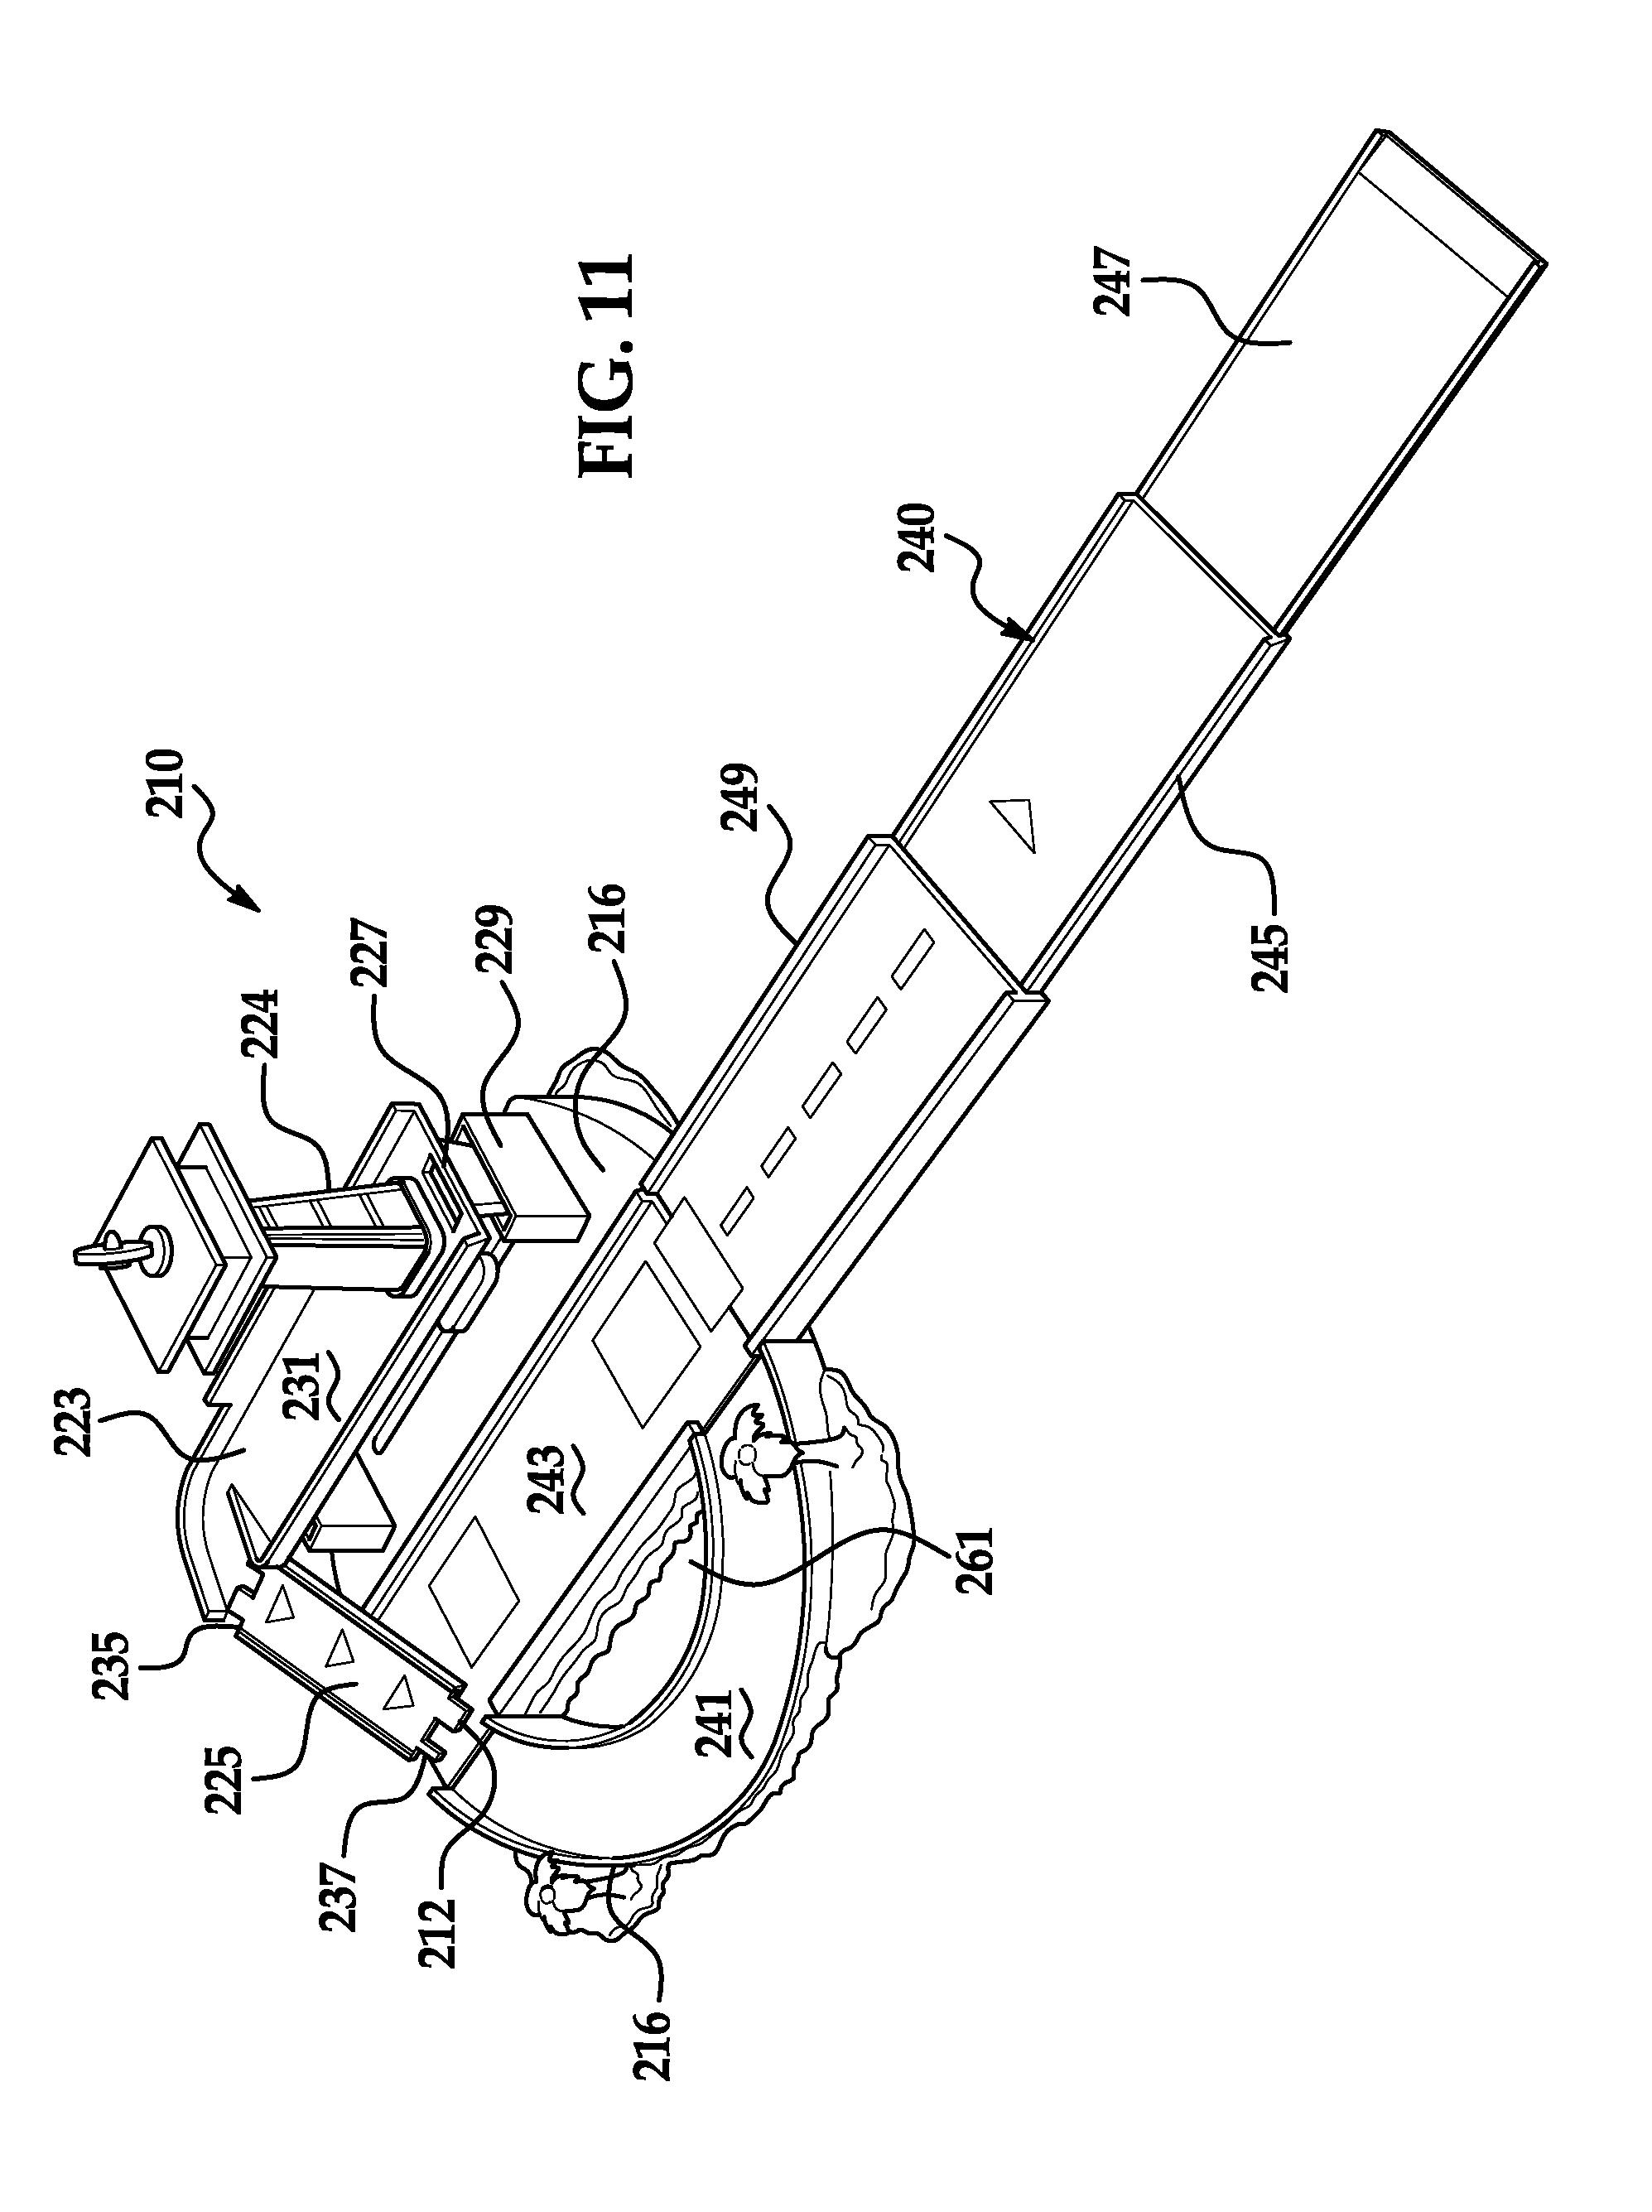 2011 gmc acadia engine diagrams